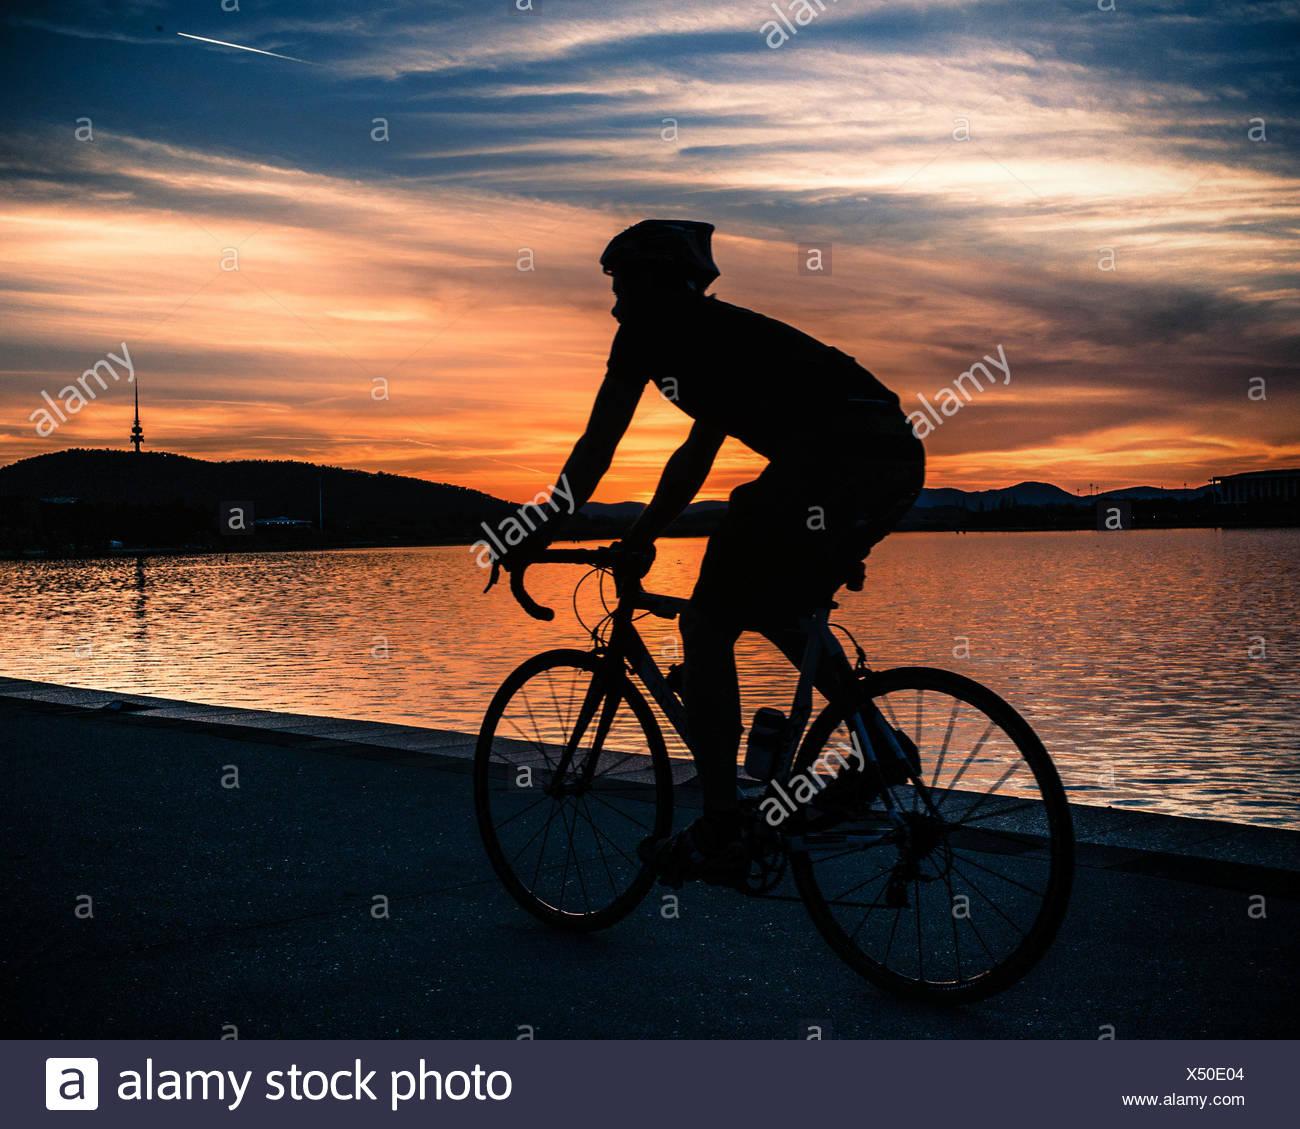 Silhouette di un ciclista al tramonto vicino al lago Burley Griffin, Canberra, Australia Immagini Stock